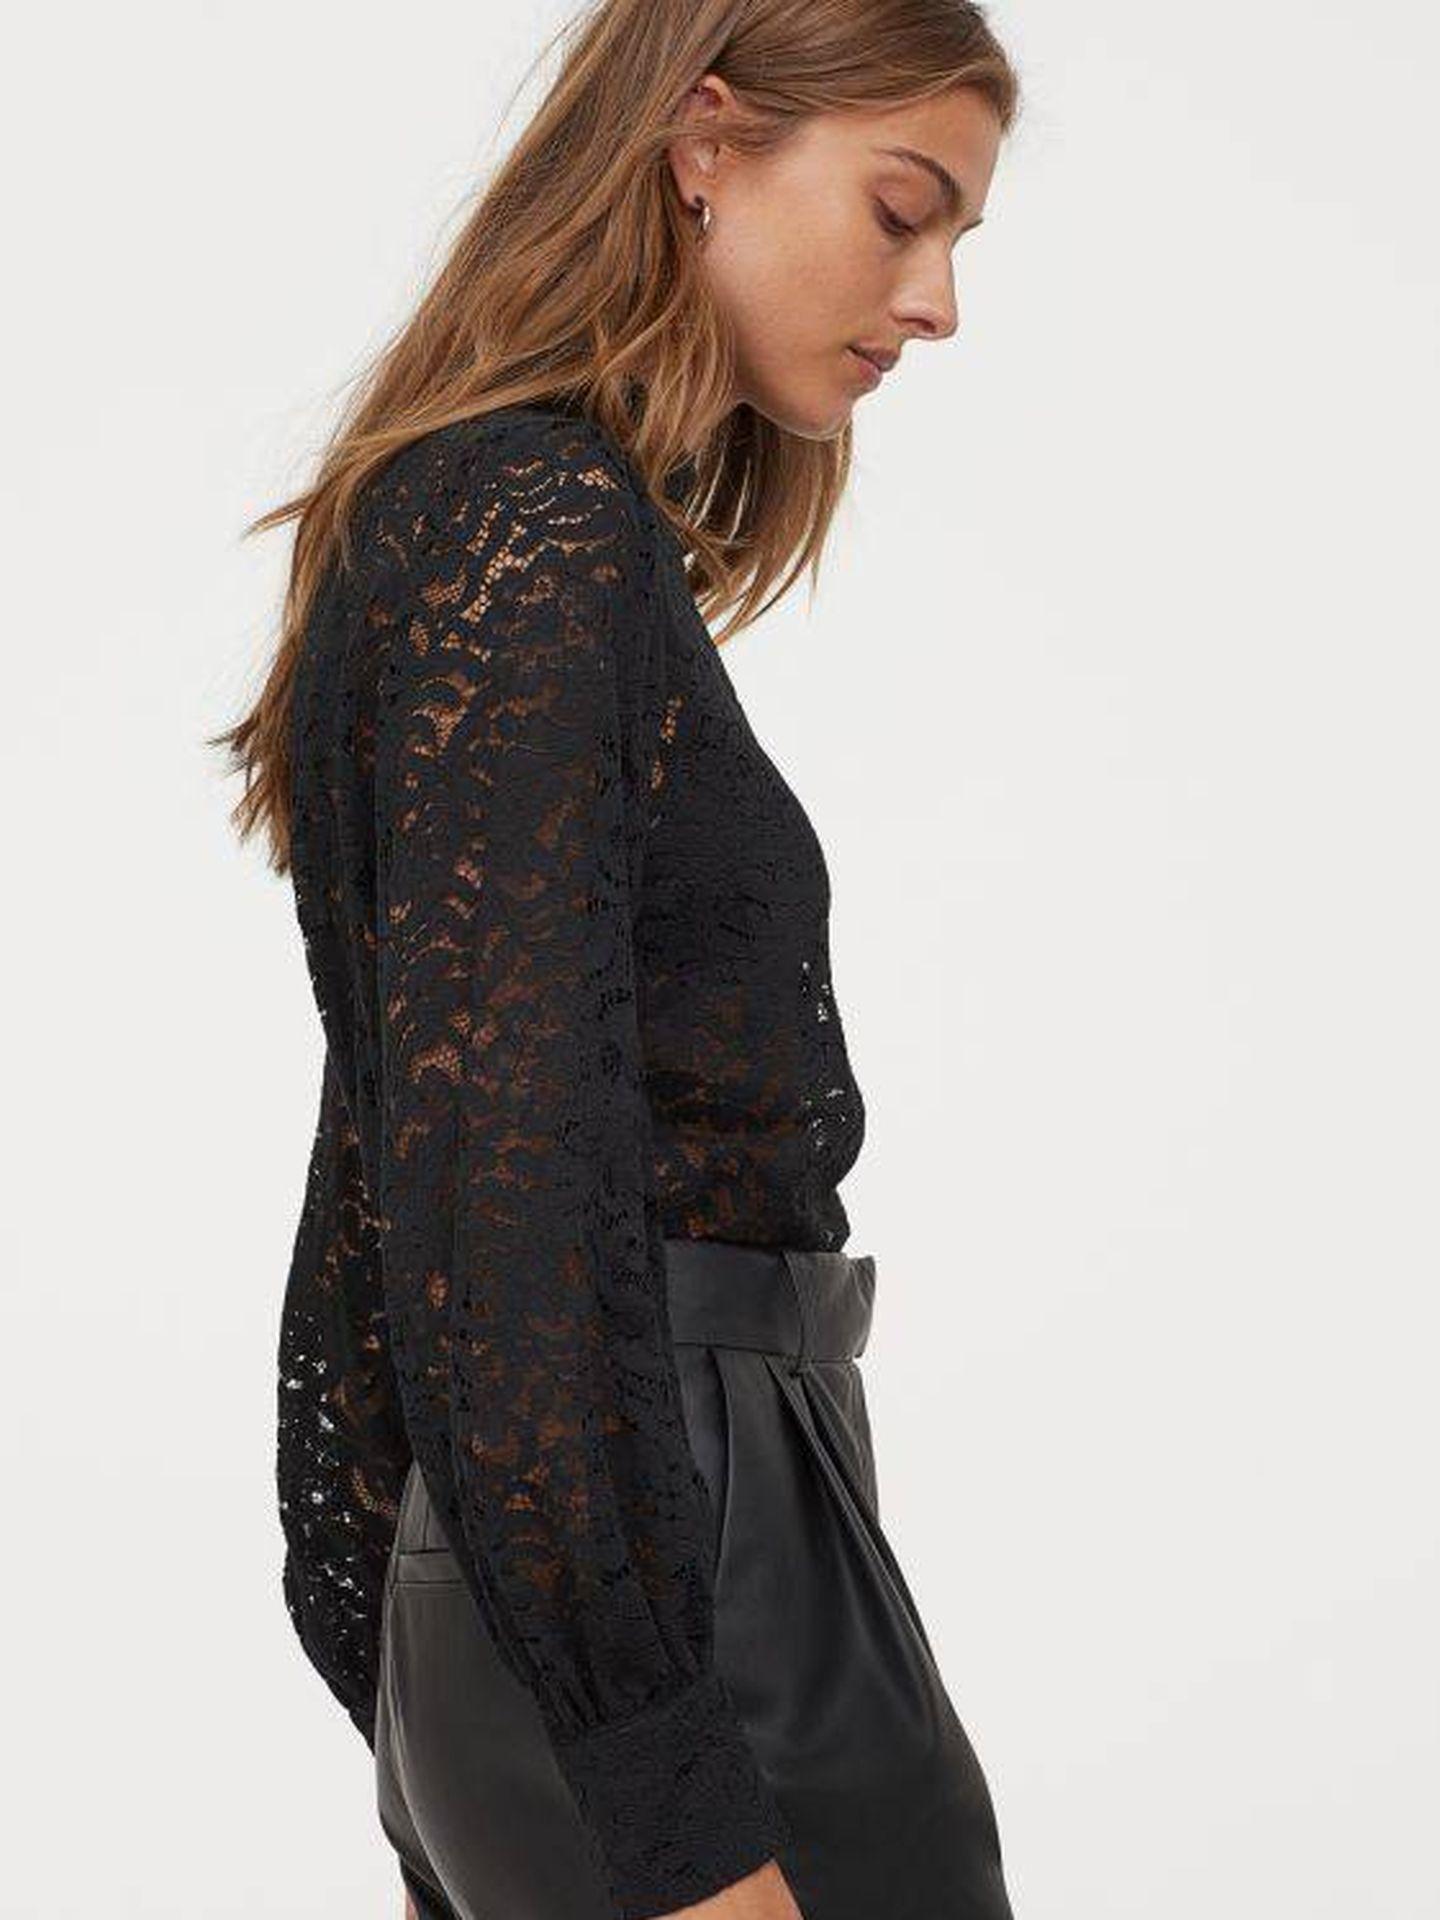 La blusa de HyM en color negro. (Cortesía)